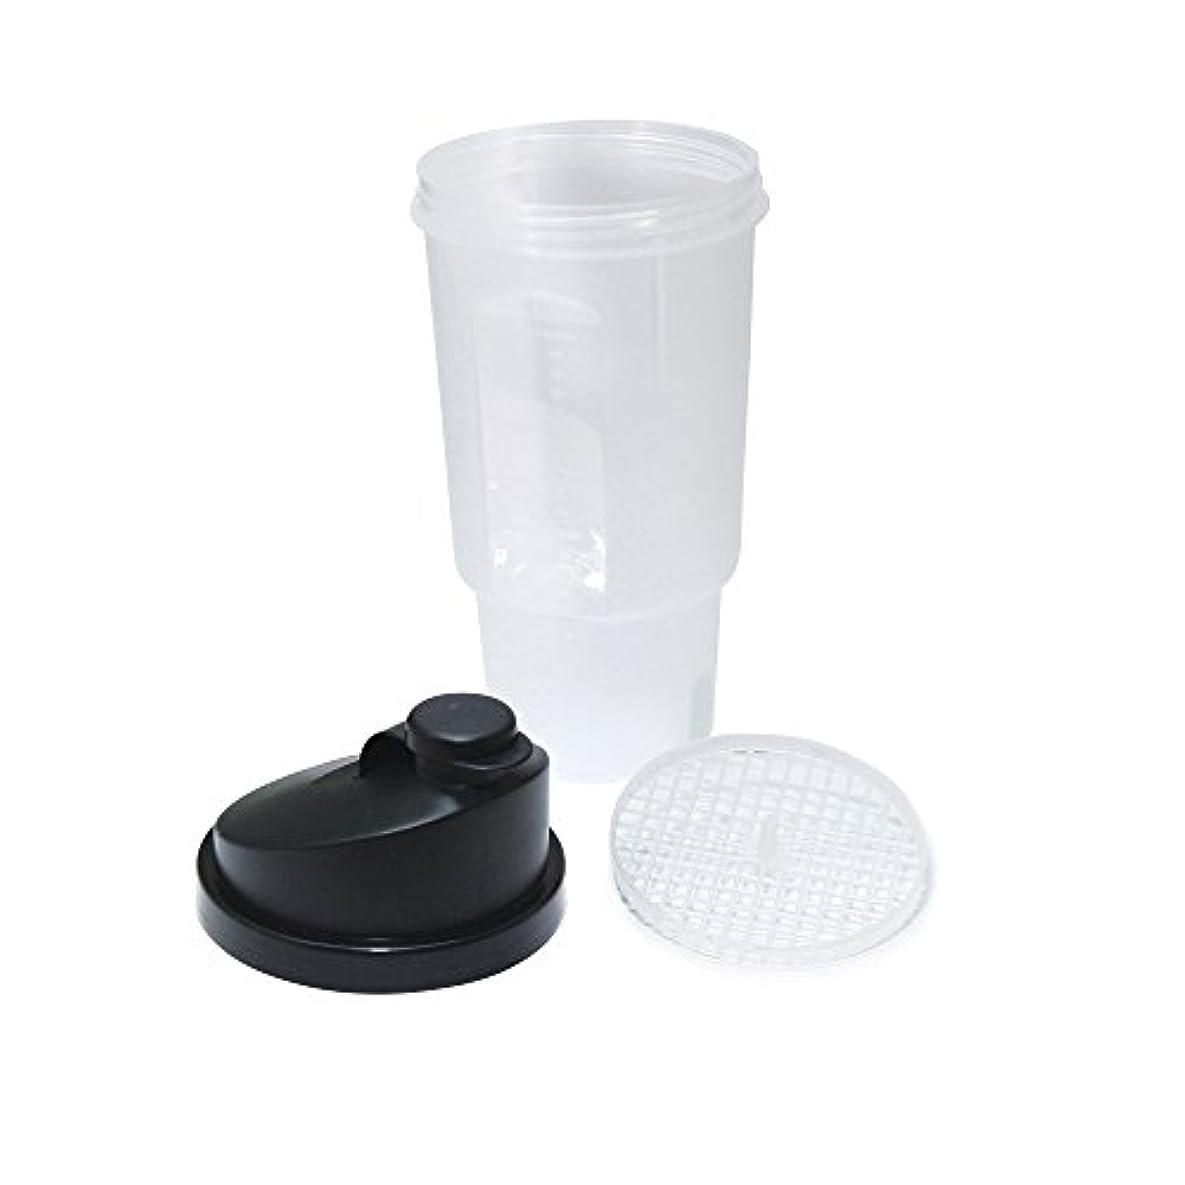 かんがい阻害するコテージnufazes 20 oz Protein Shaker